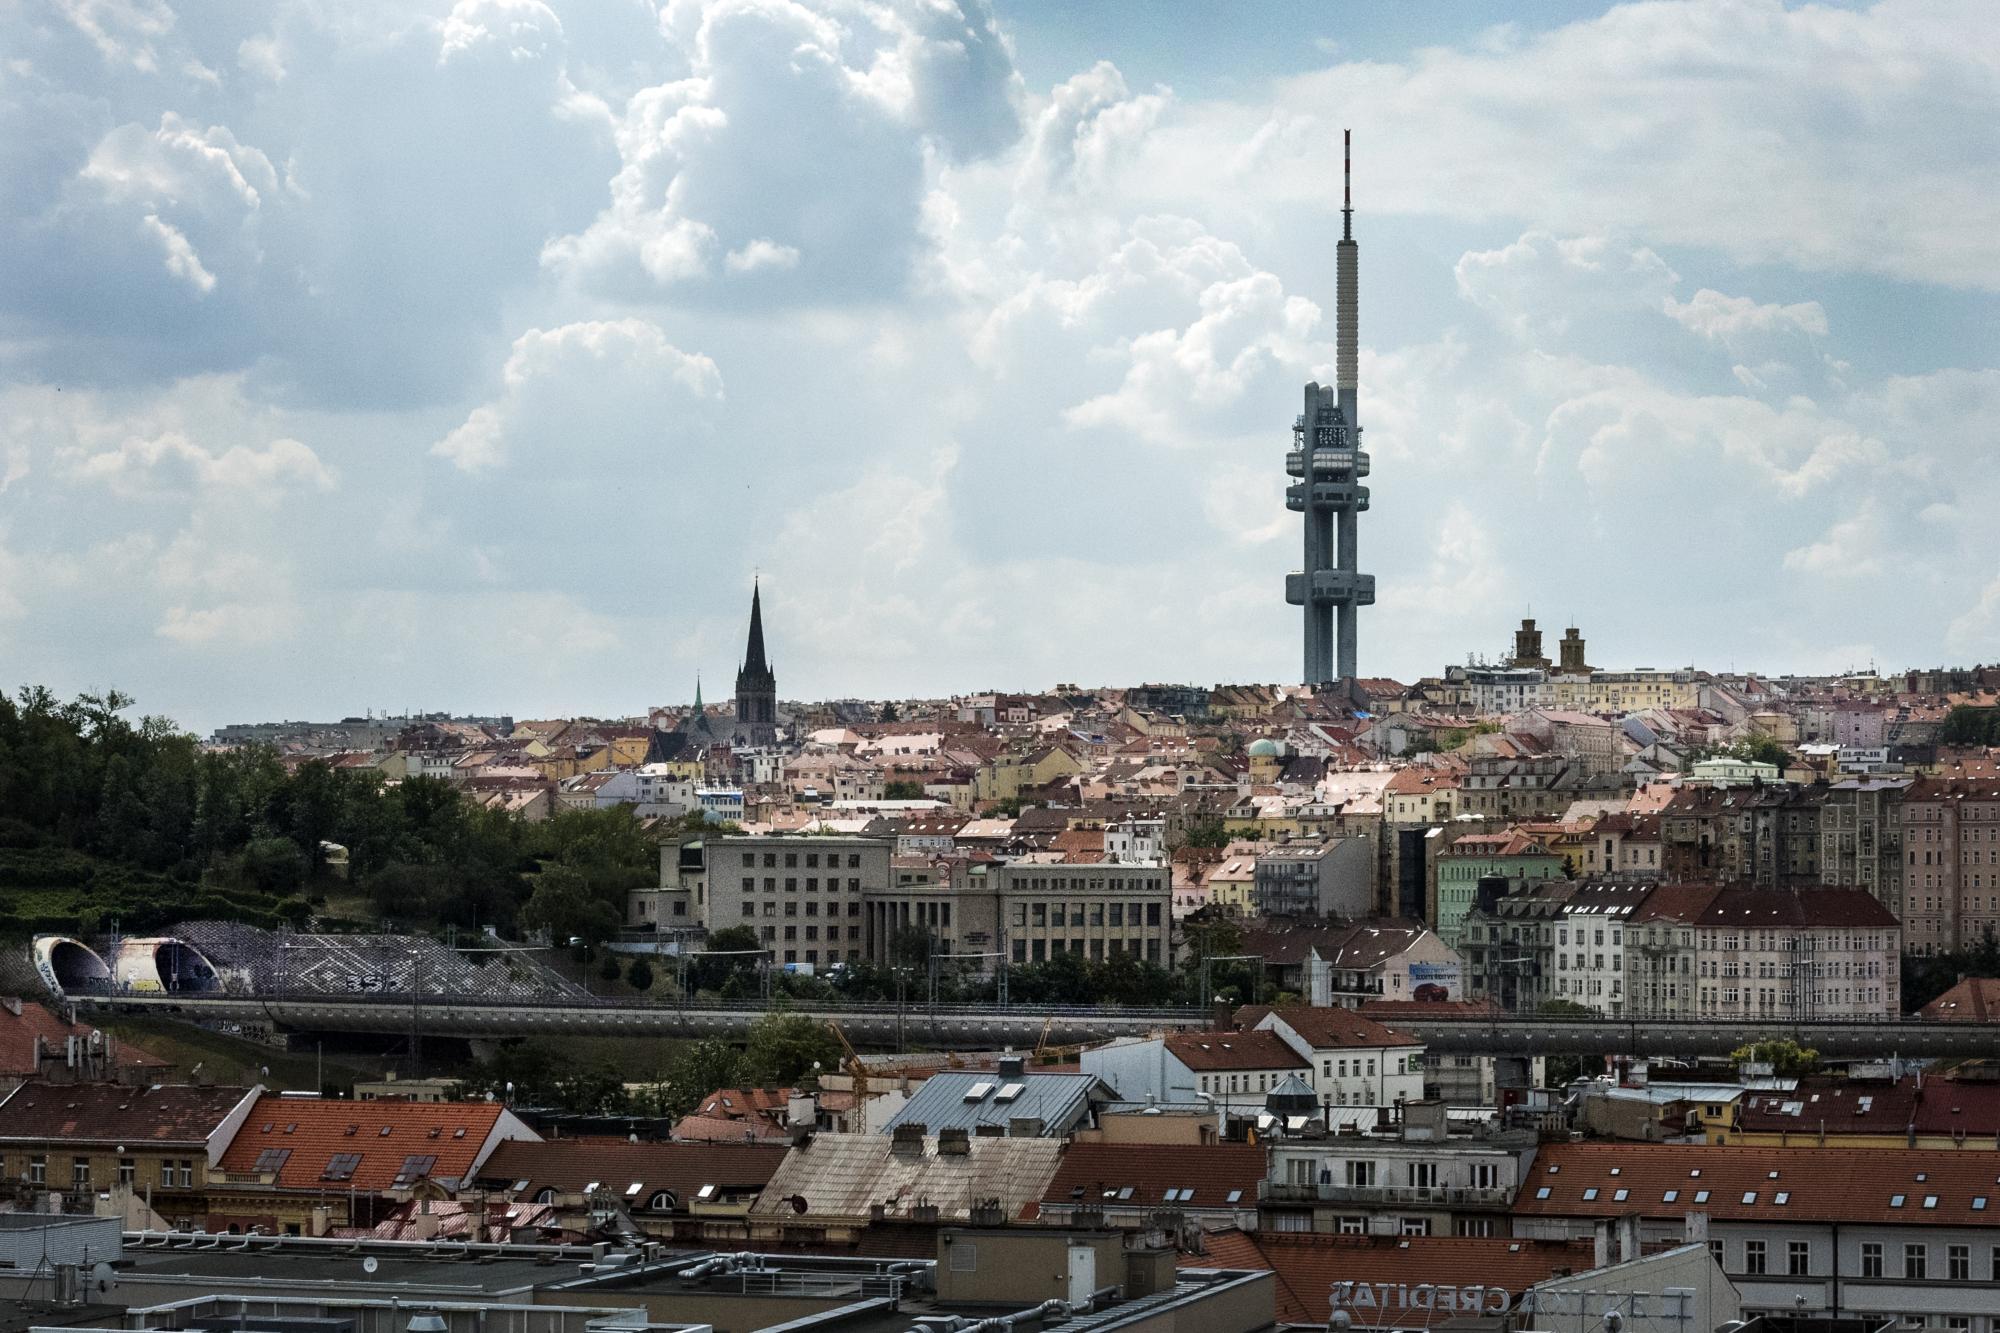 Žižkovský televizní vysílač a pohled na Prahu